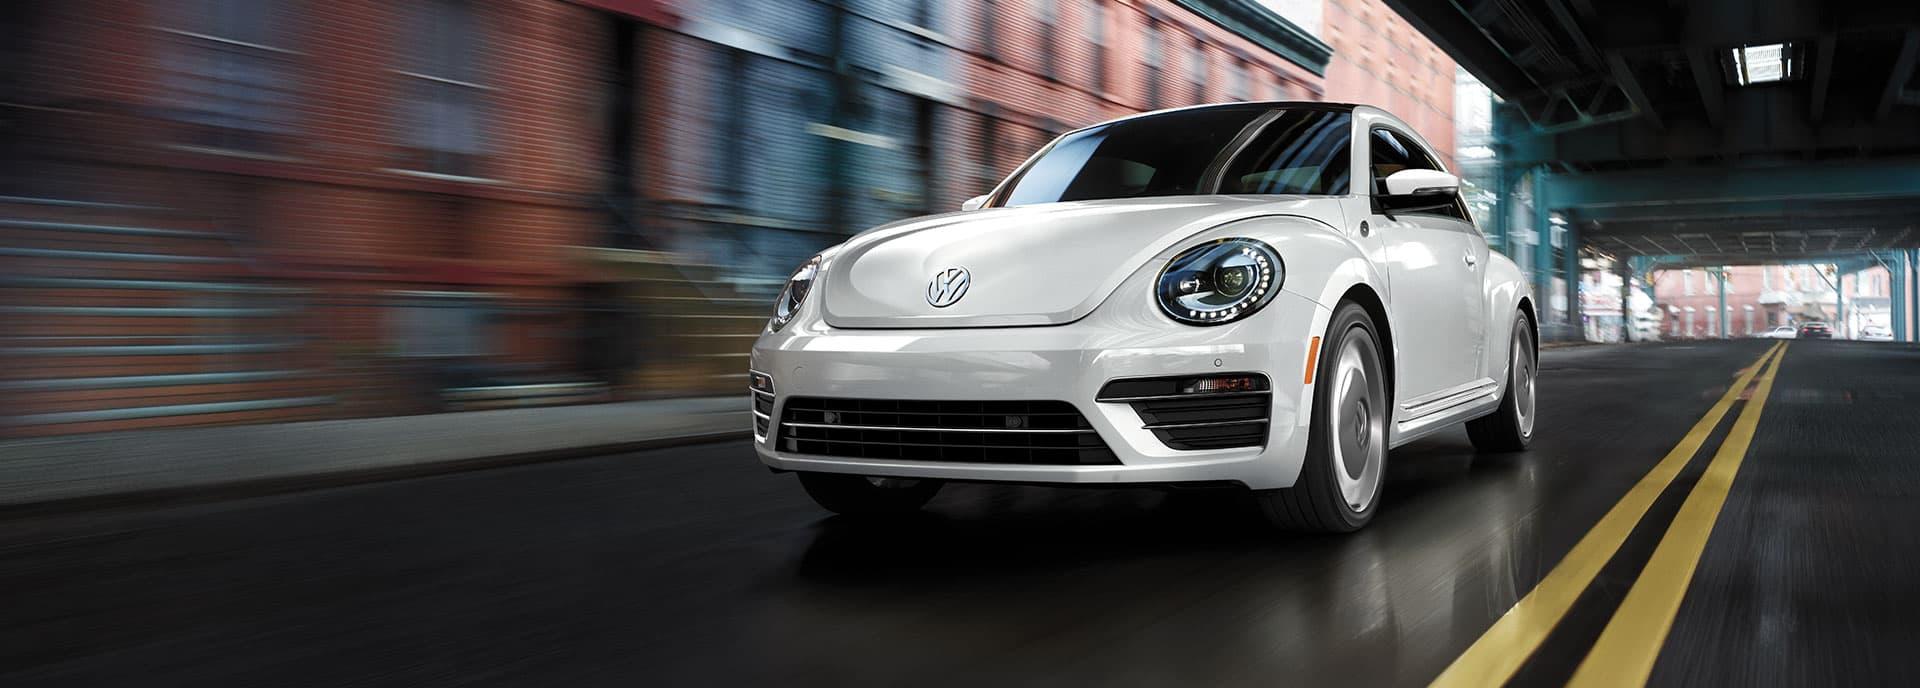 Volkswagen Beetle Hero Image